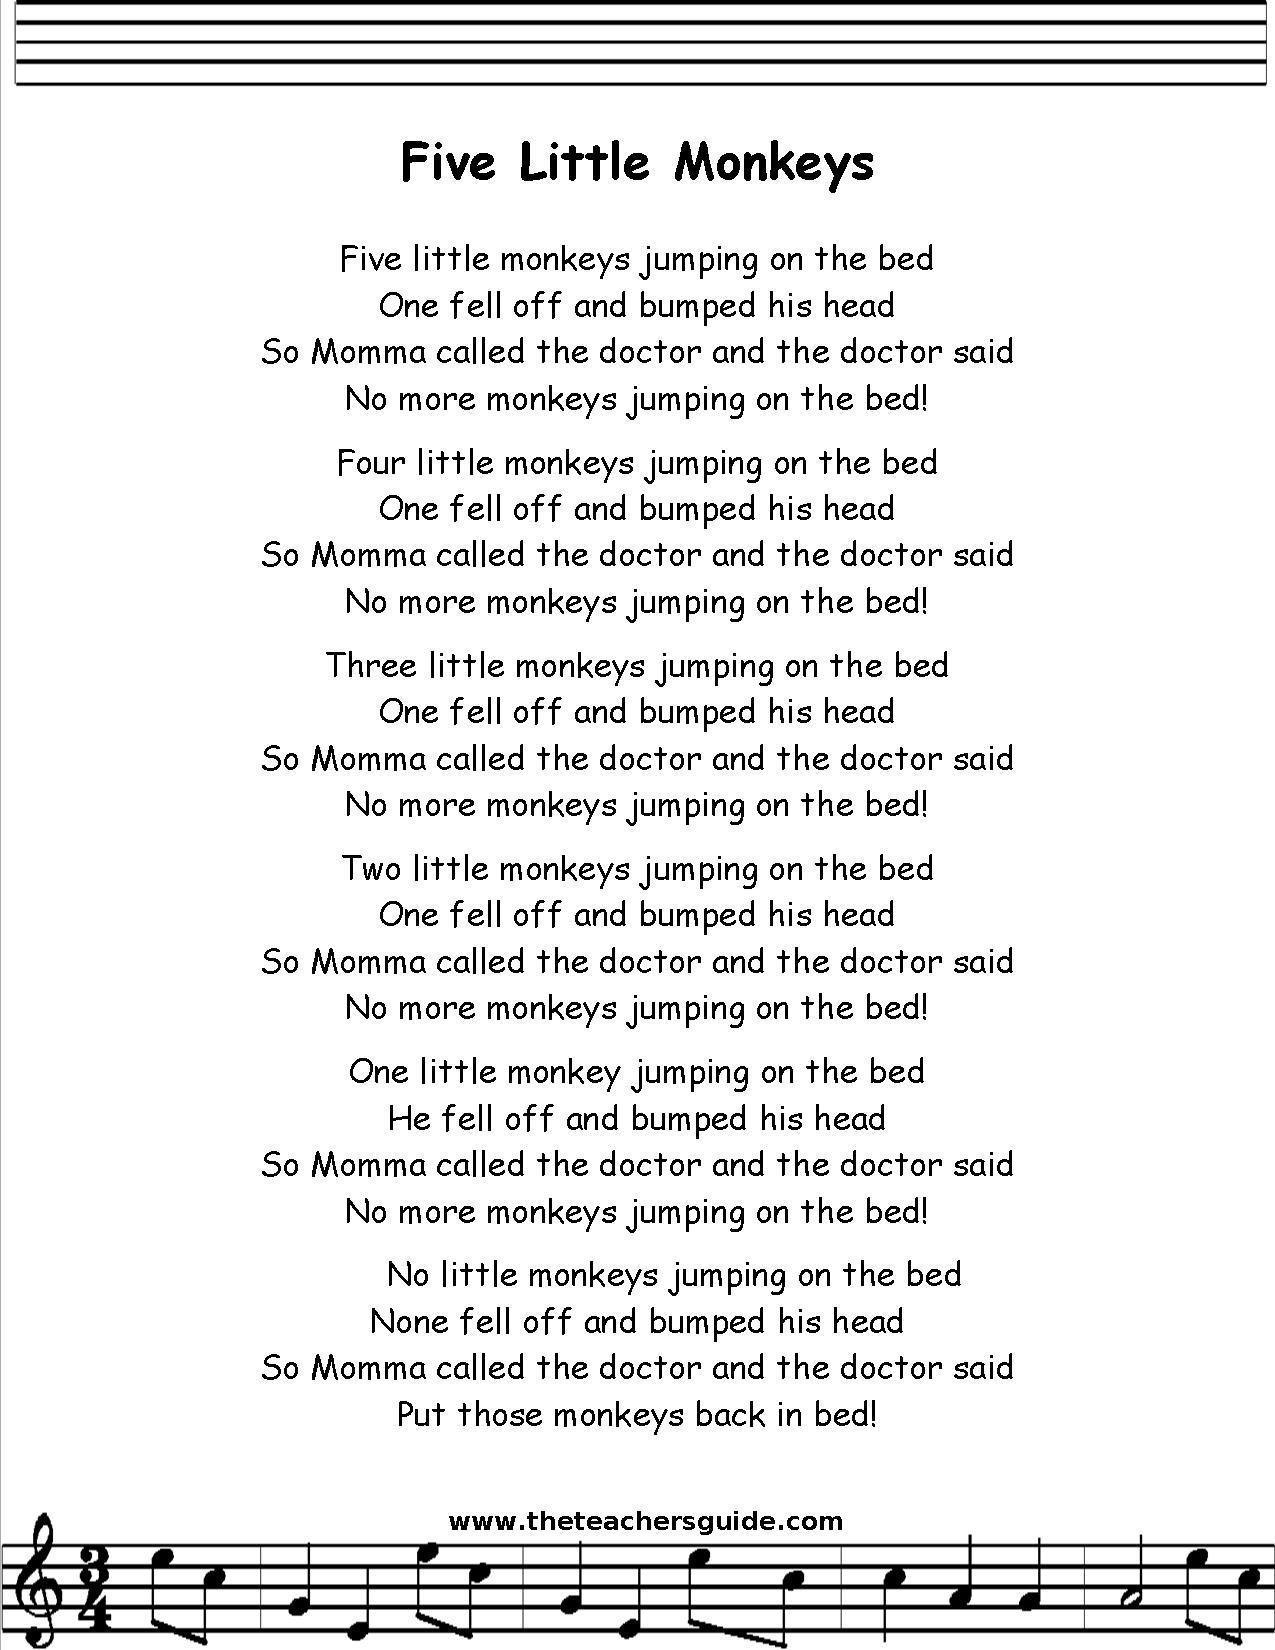 Five Little Monkeys Lyrics Printout